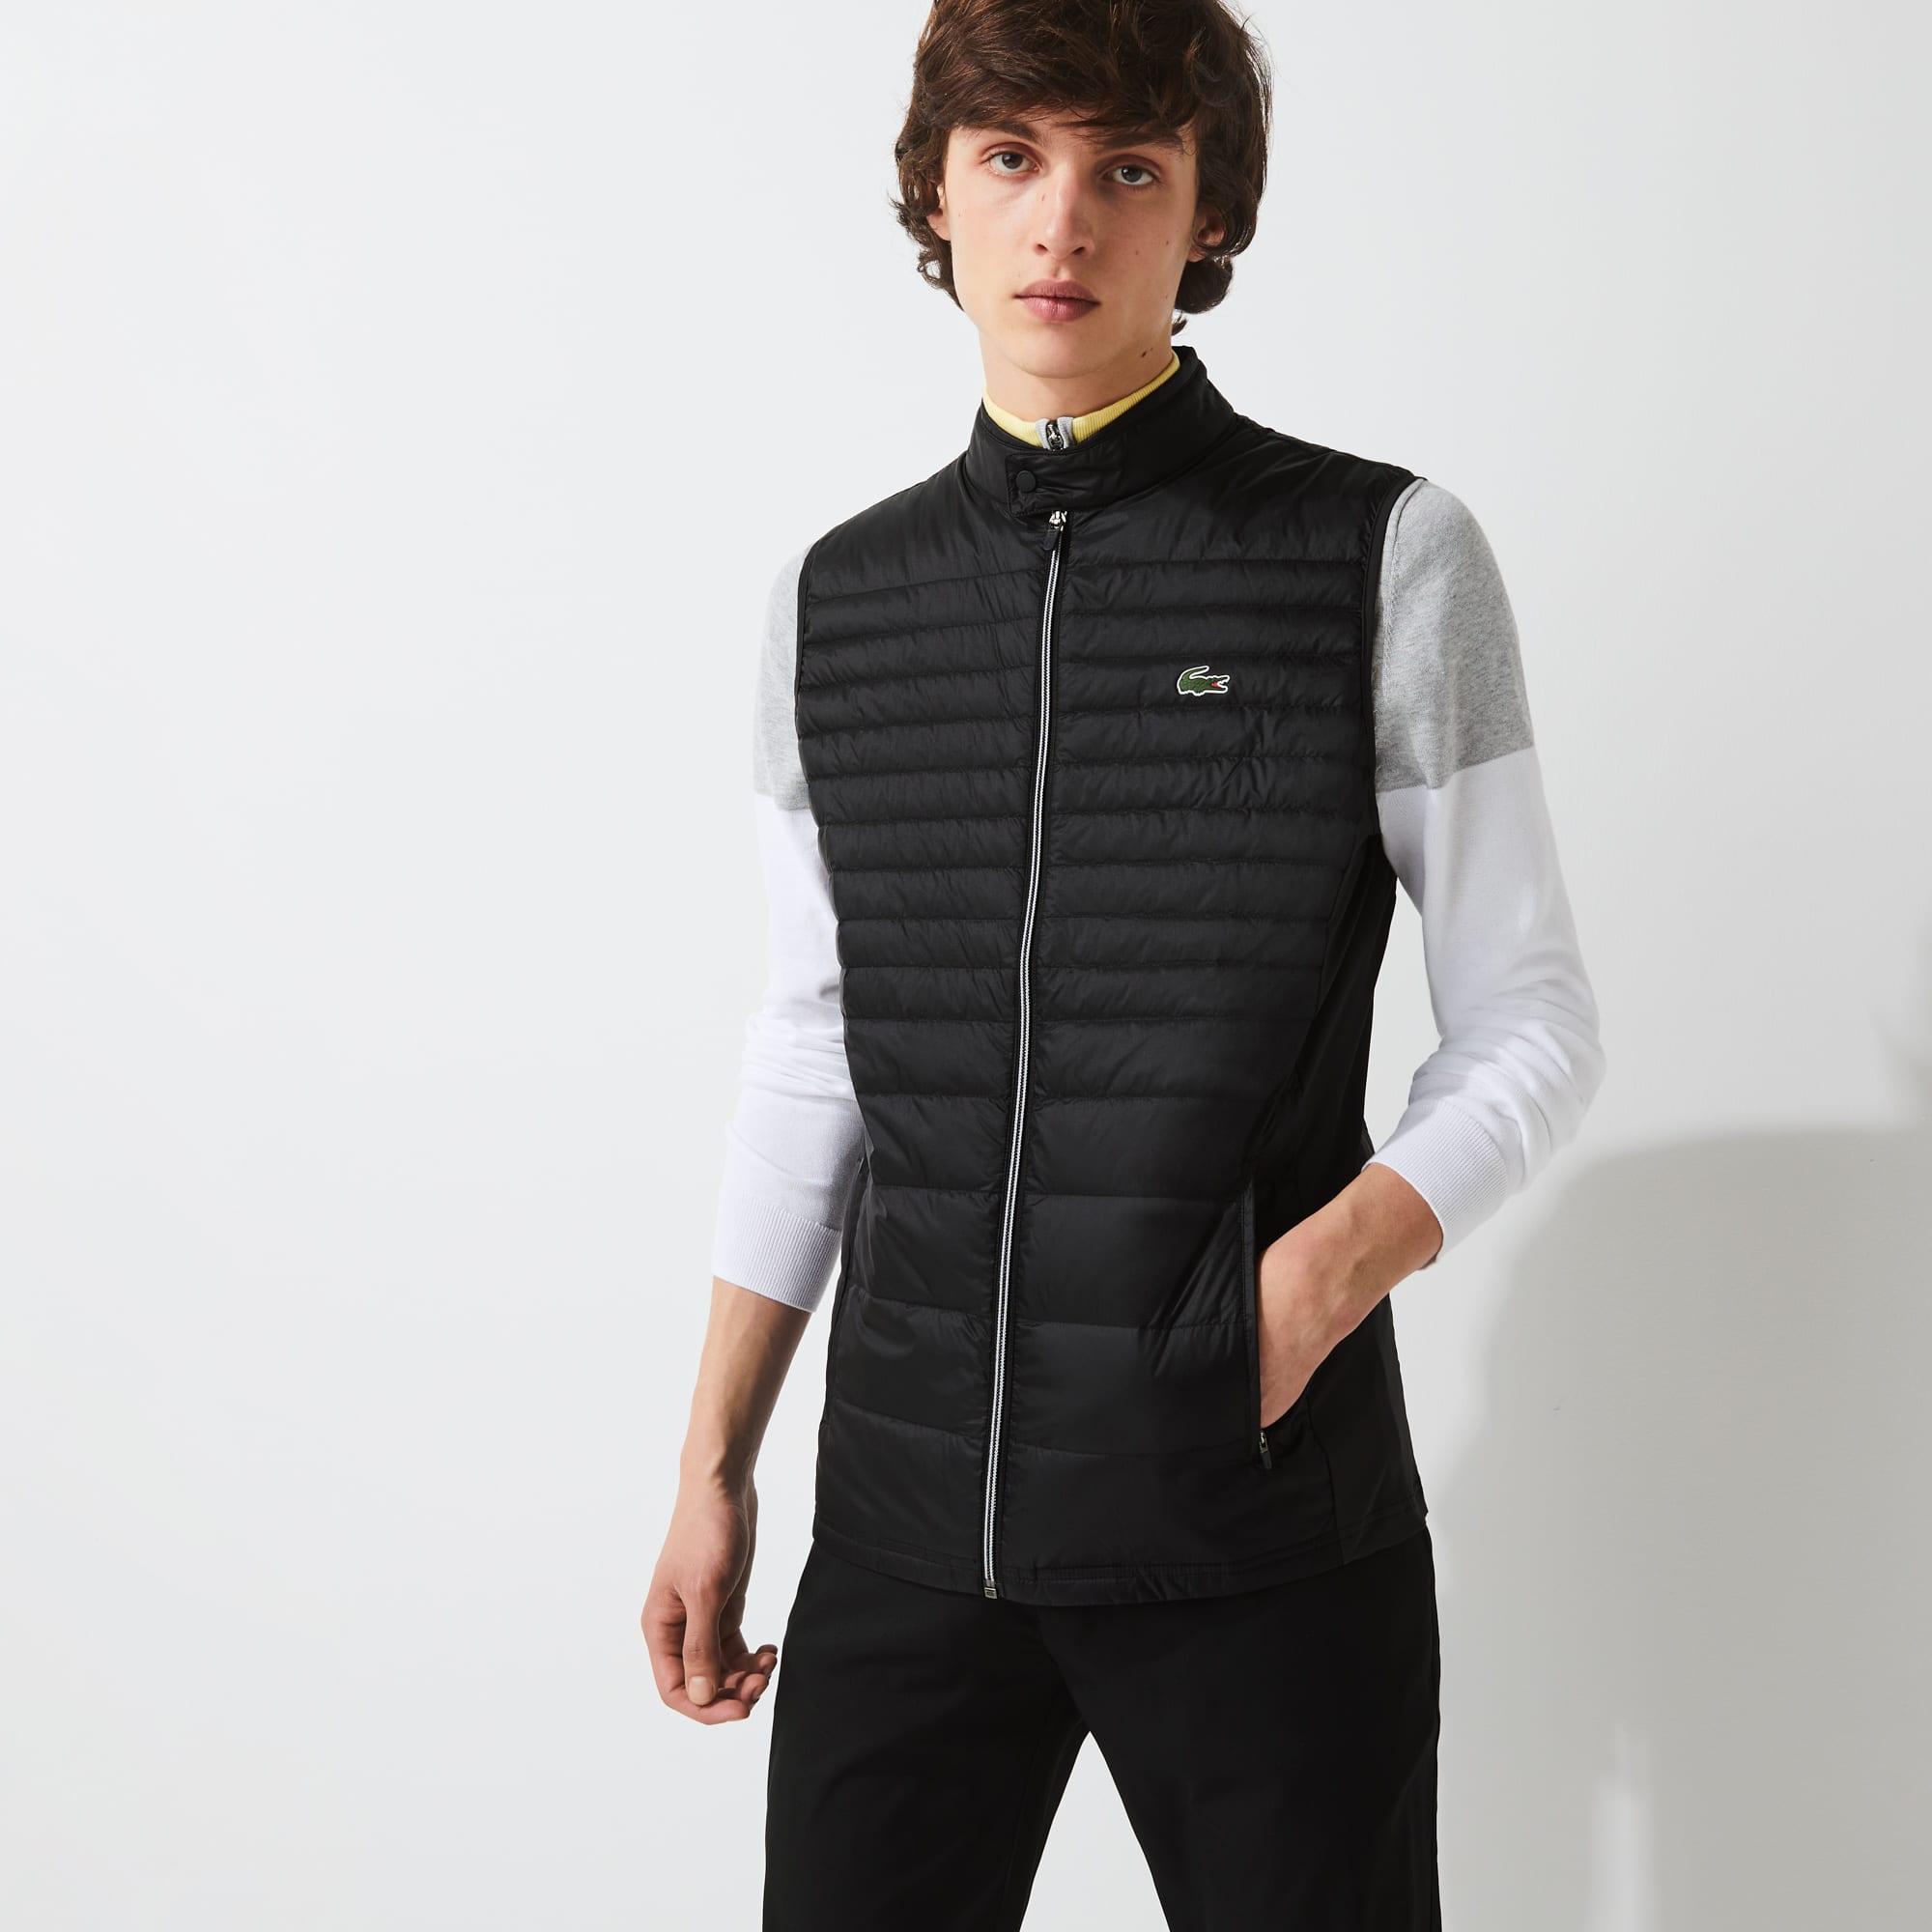 라코스테 맨 스포츠 경량 골프 조끼 Lacoste Mens SPORT Lightweight Water-Resistant Quilted Golf Vest